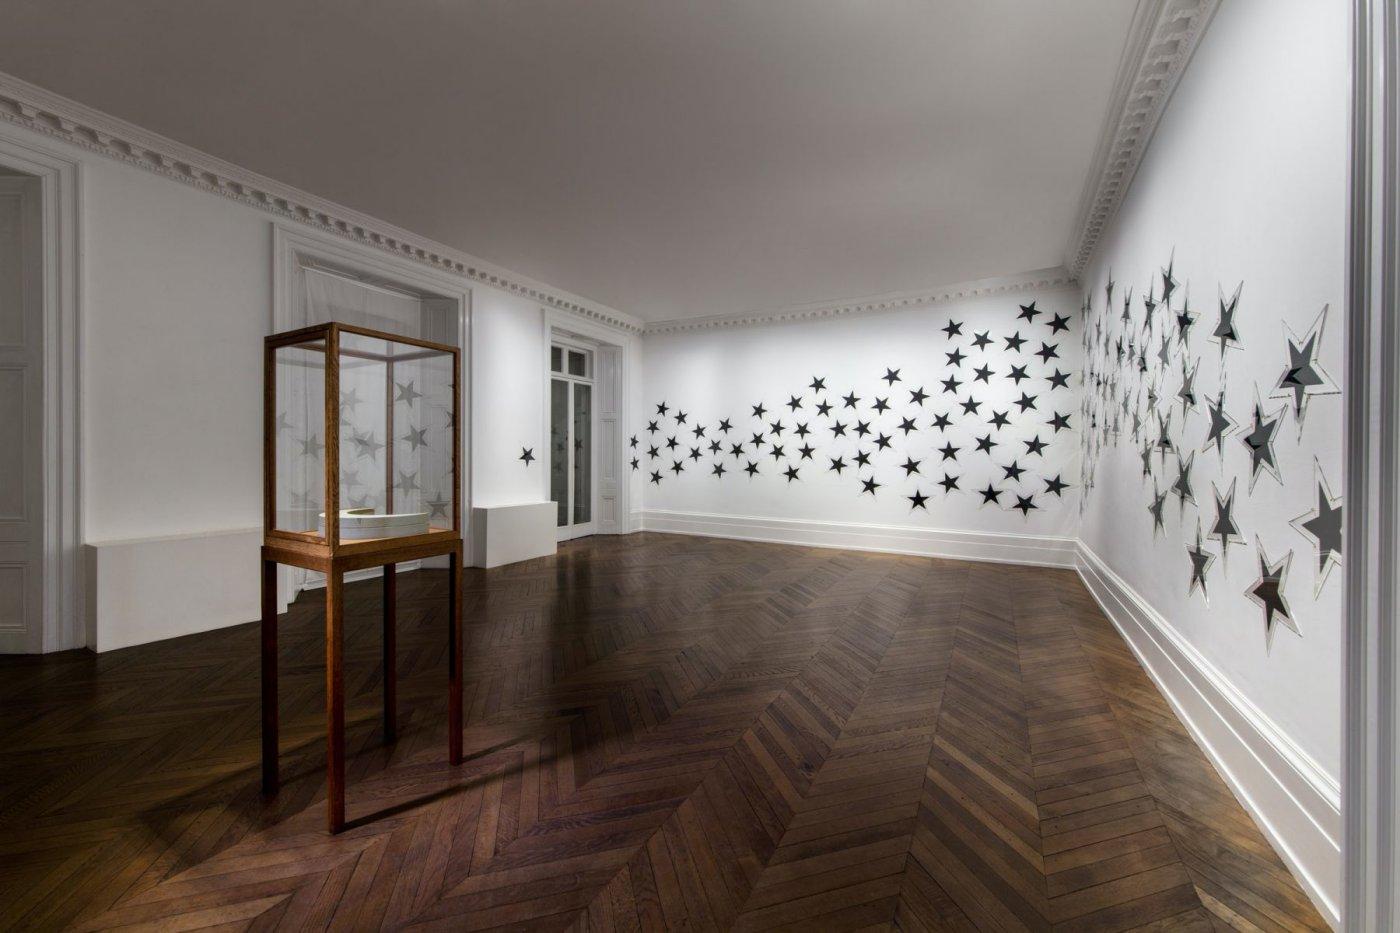 Michael Werner Gallery London James Lee Byars 4